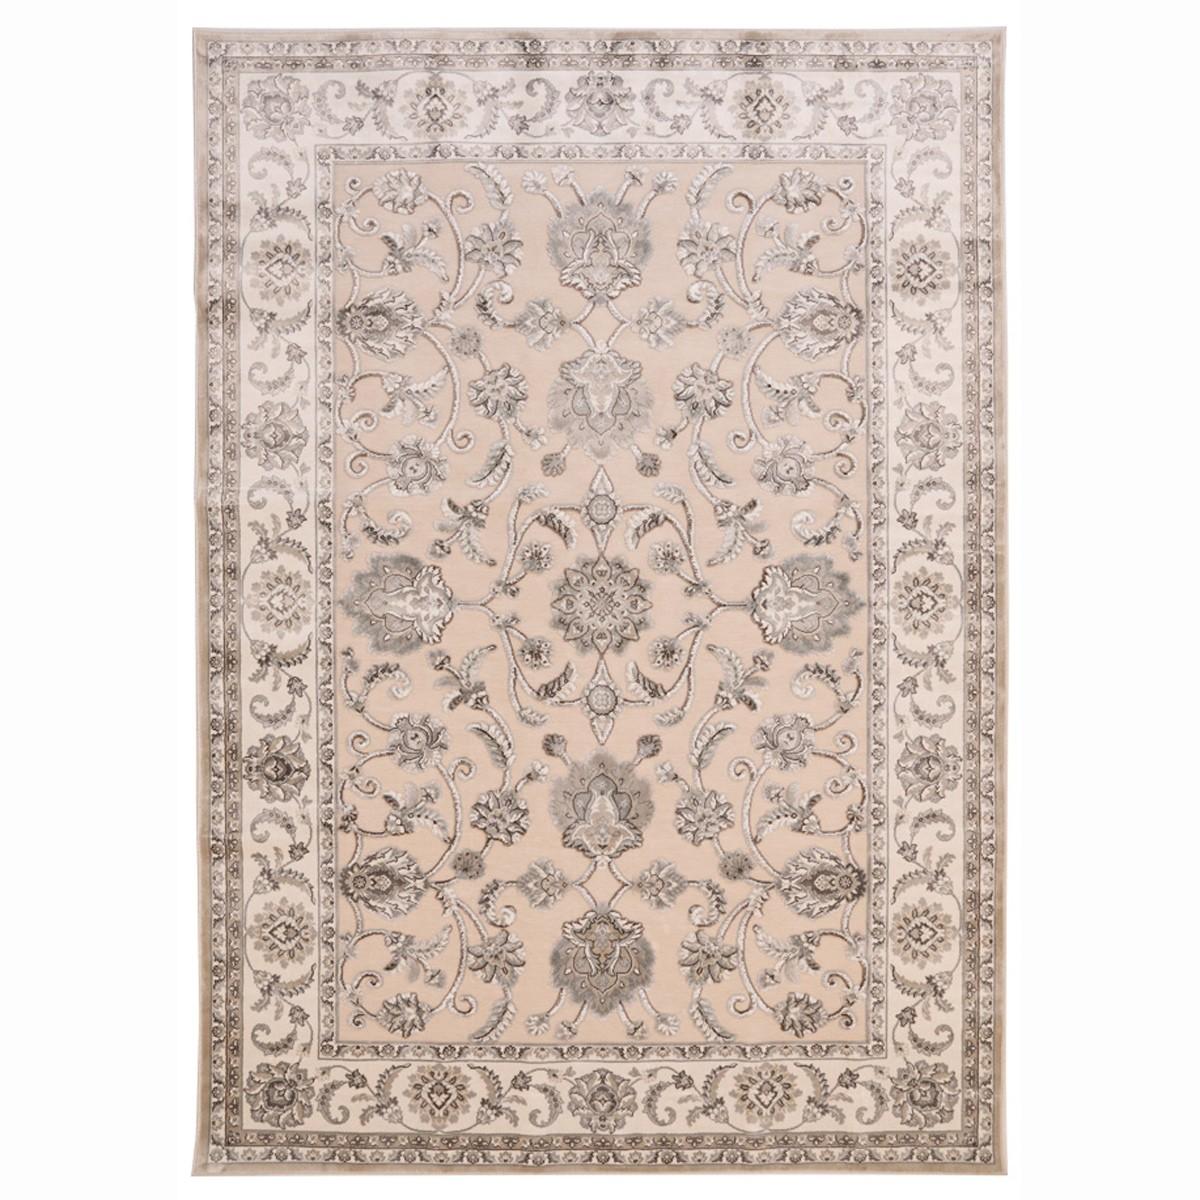 Καλοκαιρινό Χαλί (200x250) Royal Carpets Tiffany Ice 938 Ice Bei